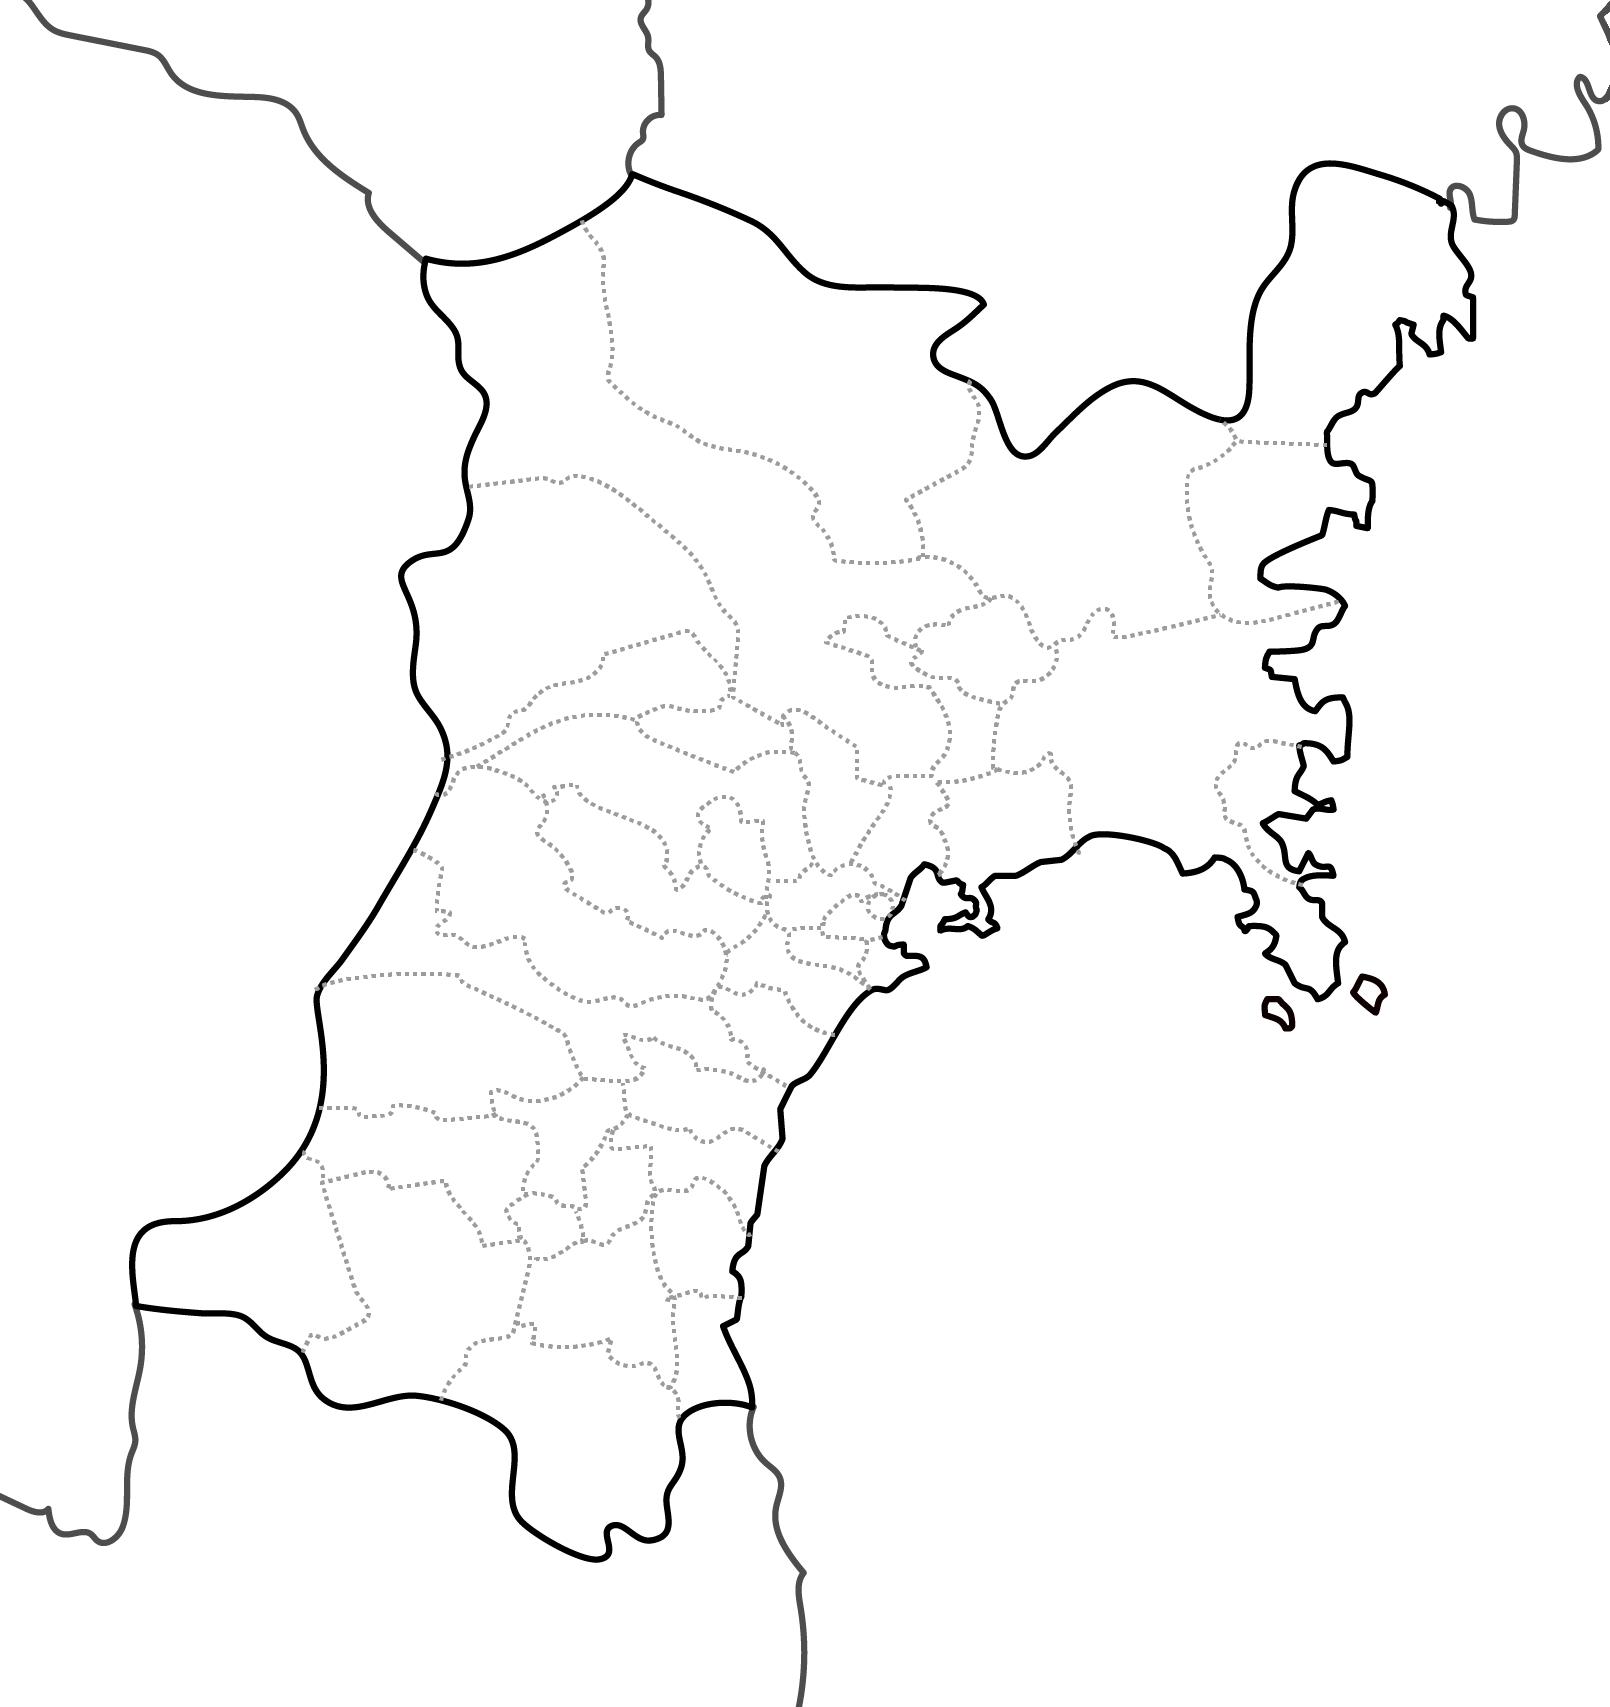 [白地図]宮城県・ラインあり・市区町村名なし・隣県なし